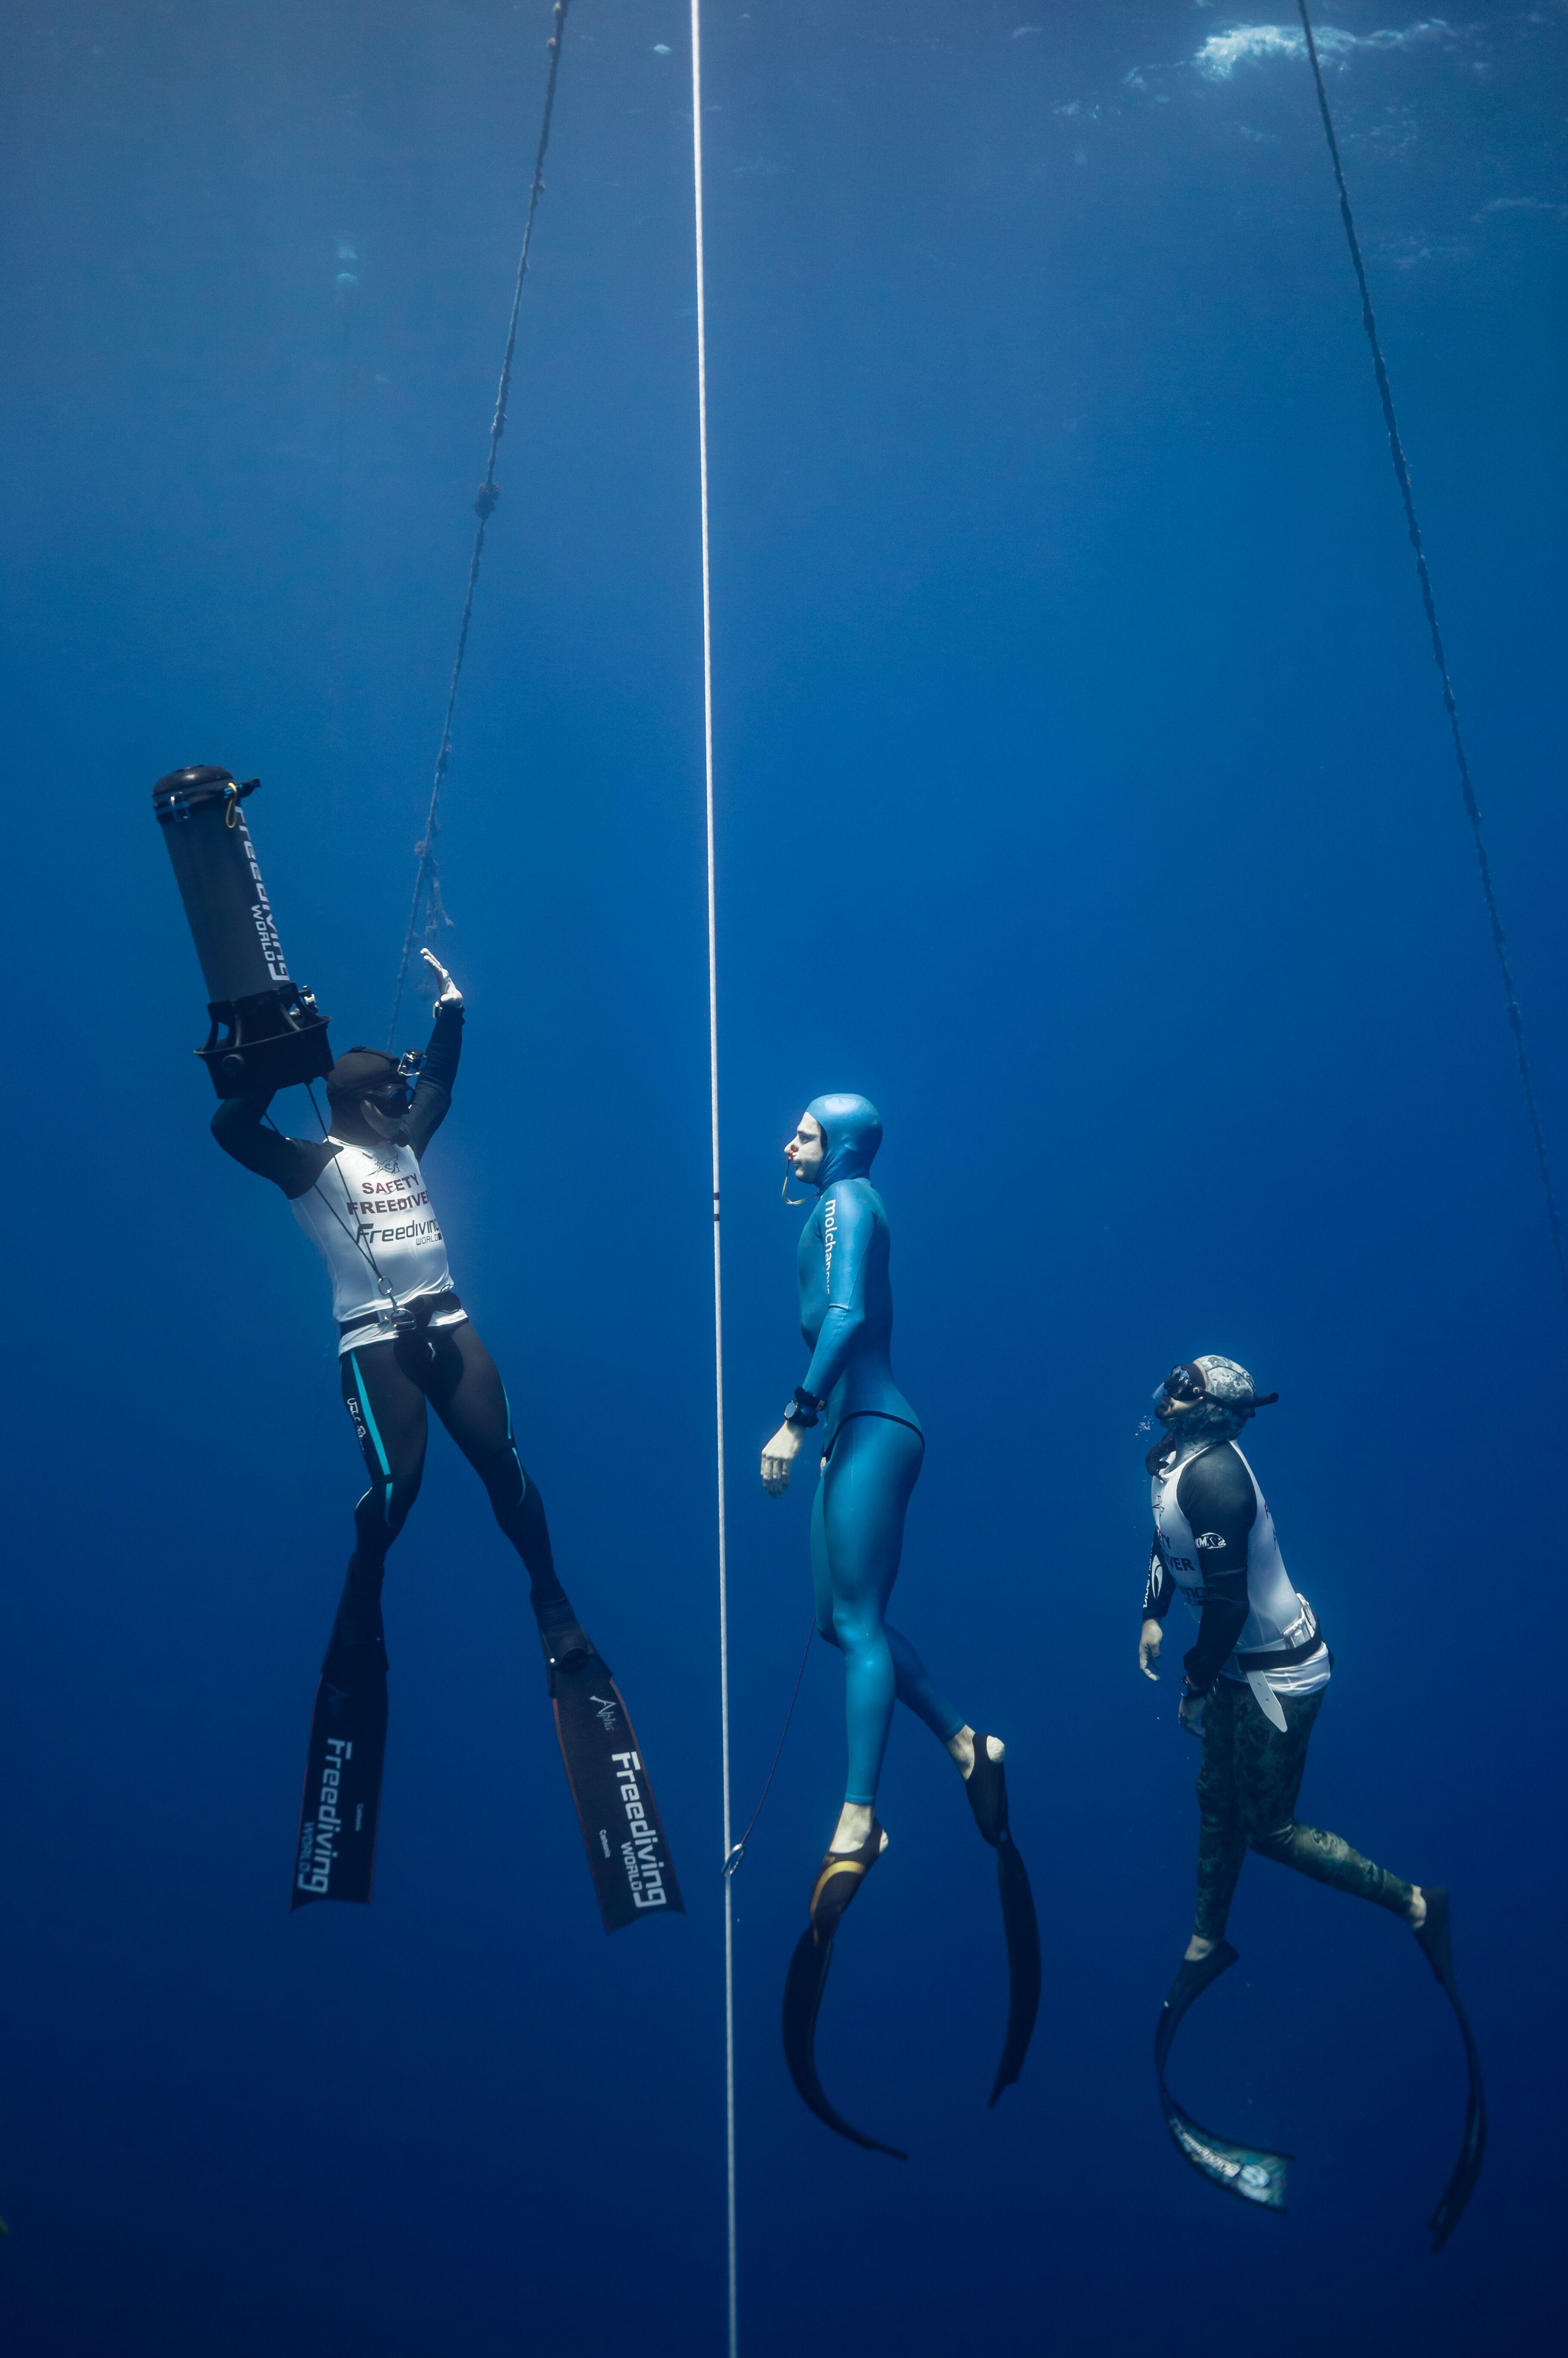 retour vers la surface après une longue plongée... (photo : Dasha Muzykantova)